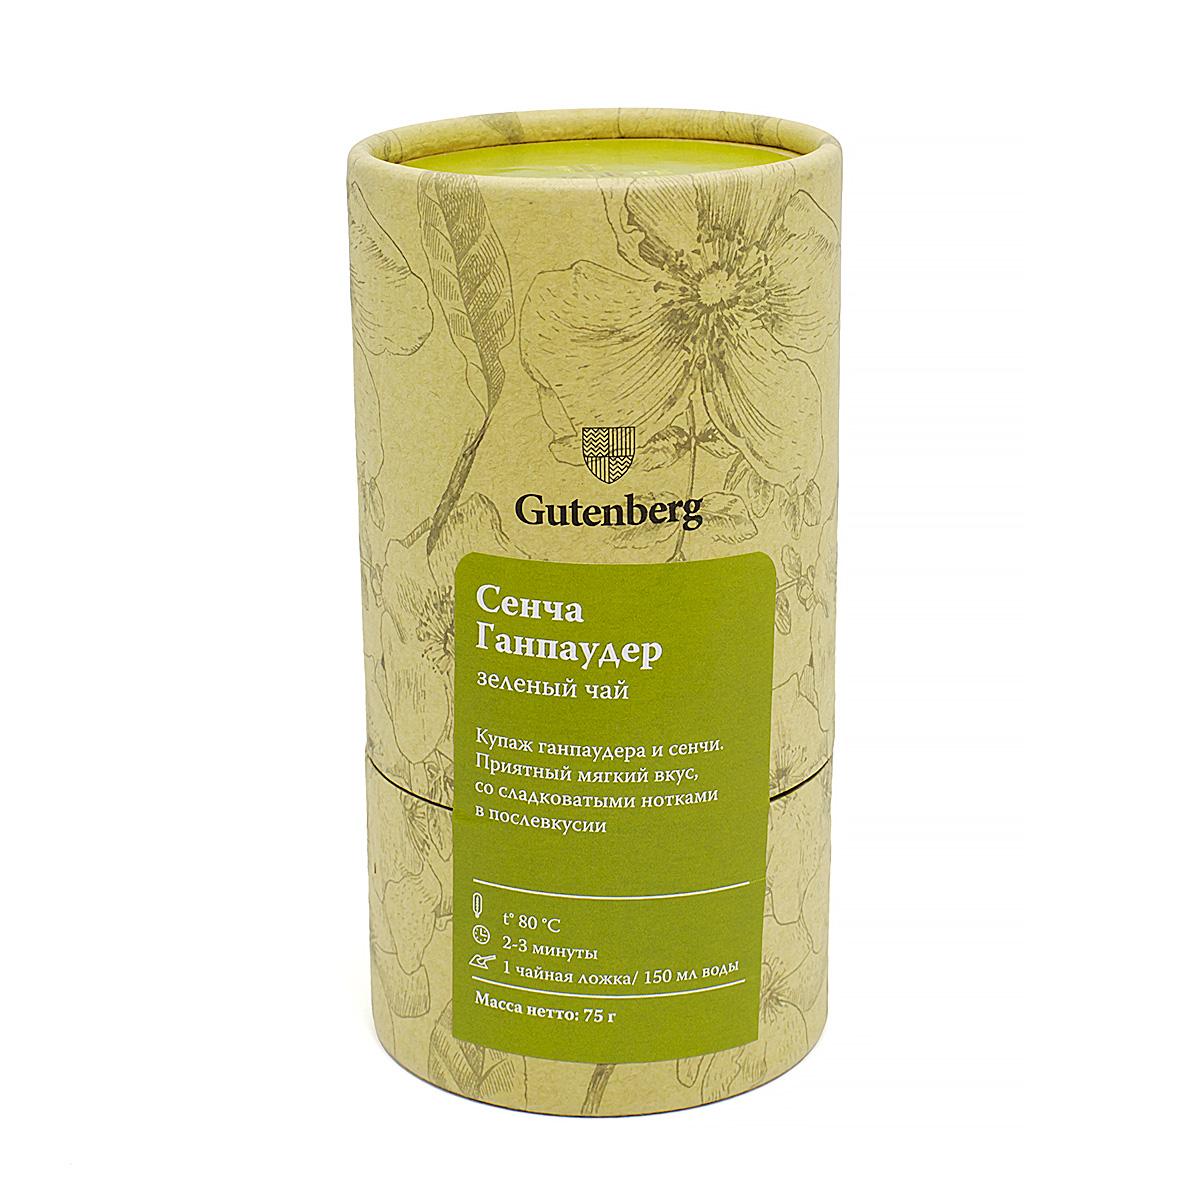 Чай зеленый Сенча-Ганпаудер, тубус, 75 г цены